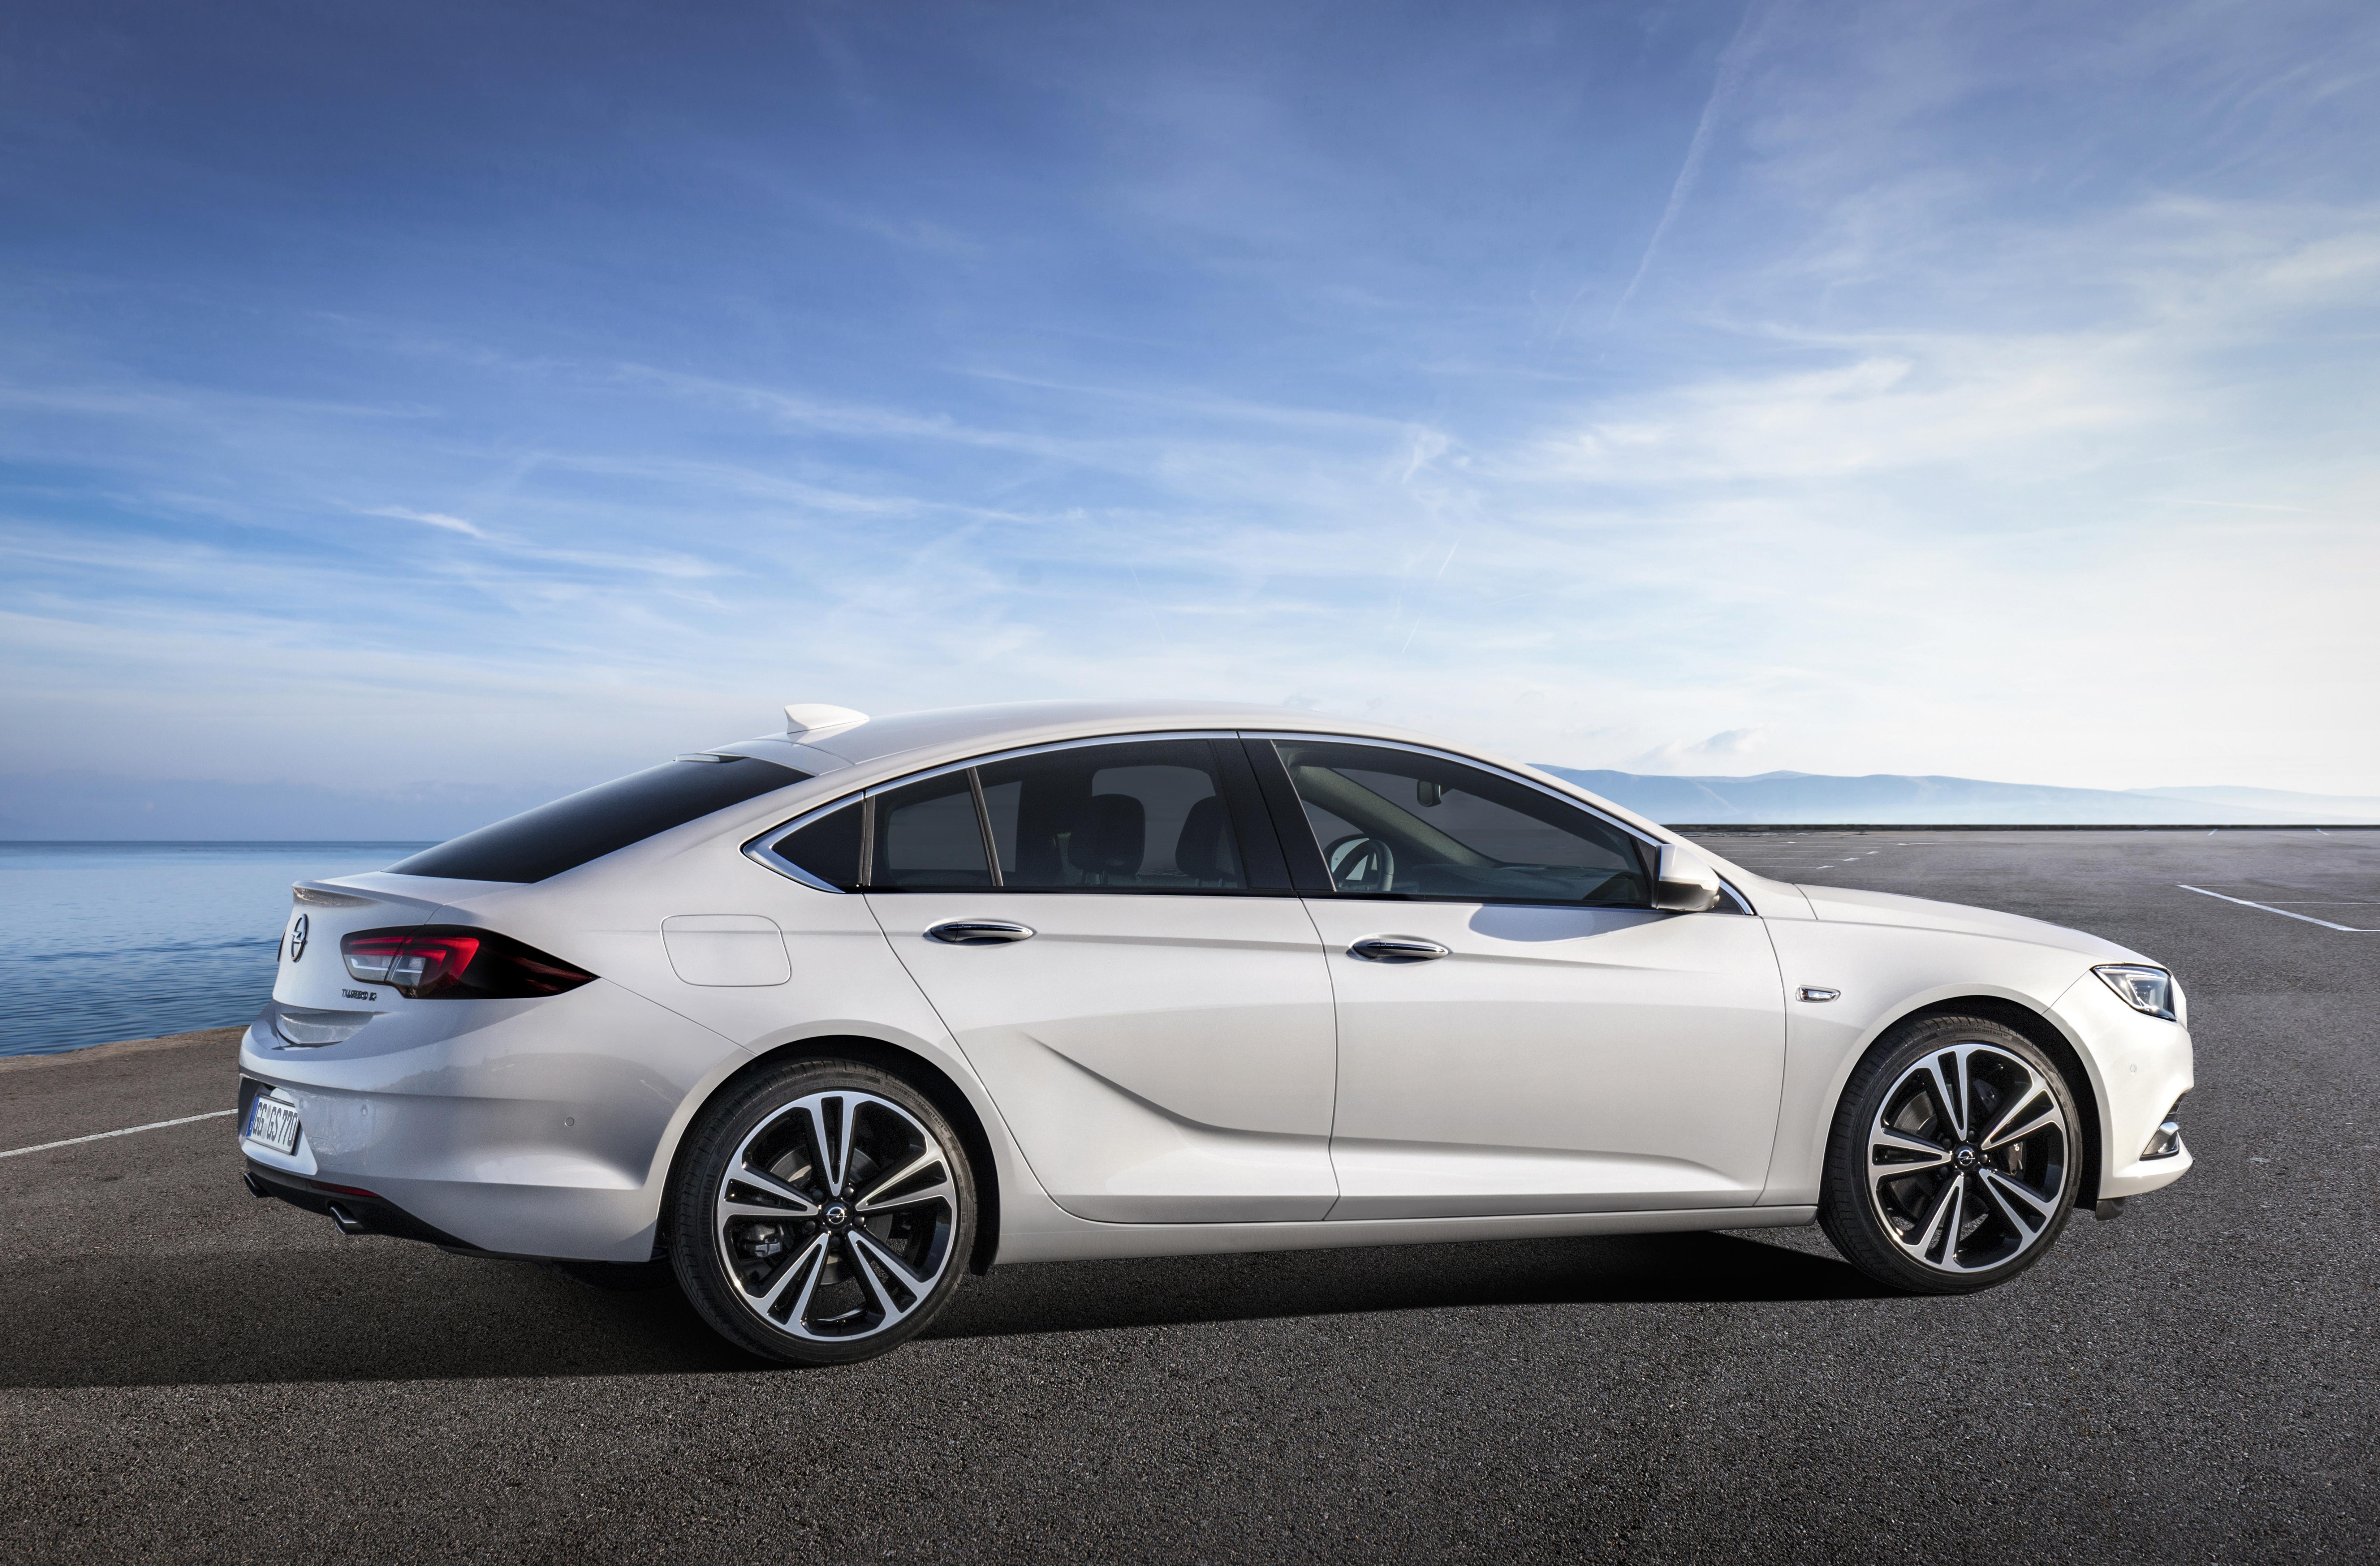 Opel-Insignia-Grand-Sport-304403